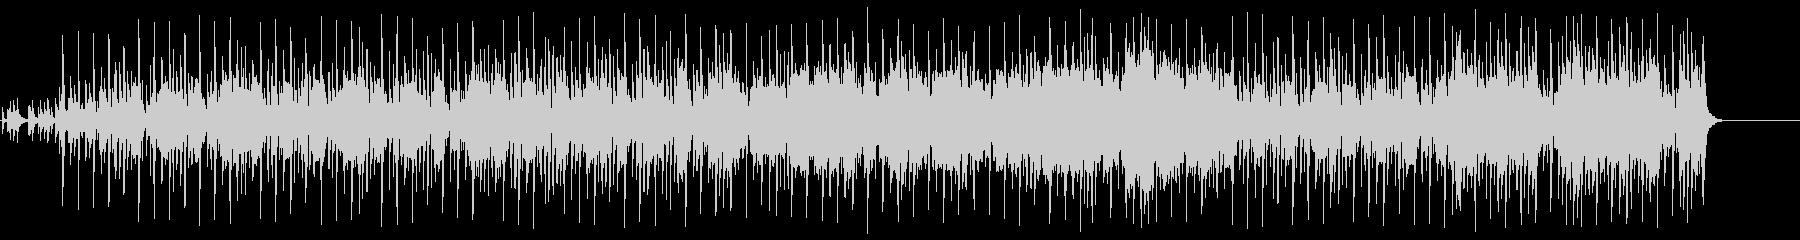 オリエンタルなムードのポップ/BGの未再生の波形